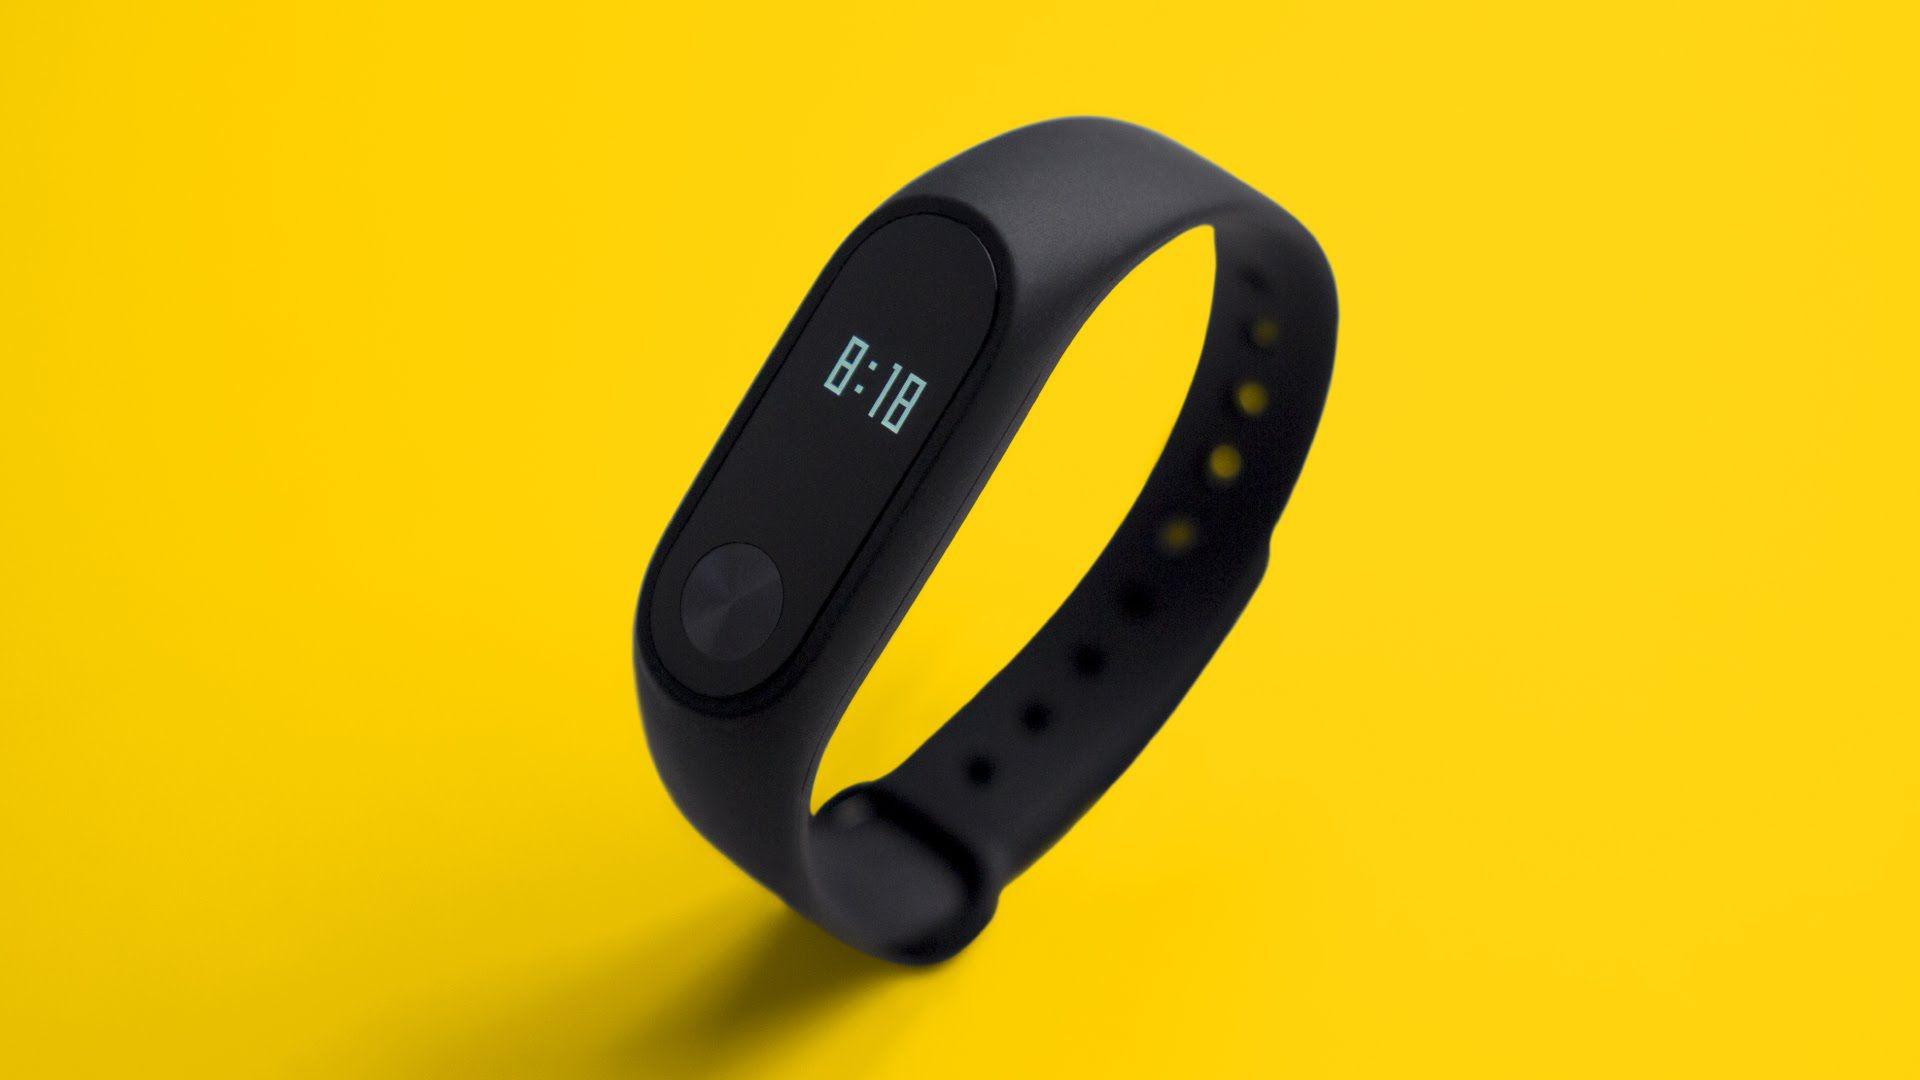 Avec son indice de protection IP67, le bracelet connecté Xiaomi Mi Band 2 est protégé contre la poussière et l'immersion jusqu'à 1 m.